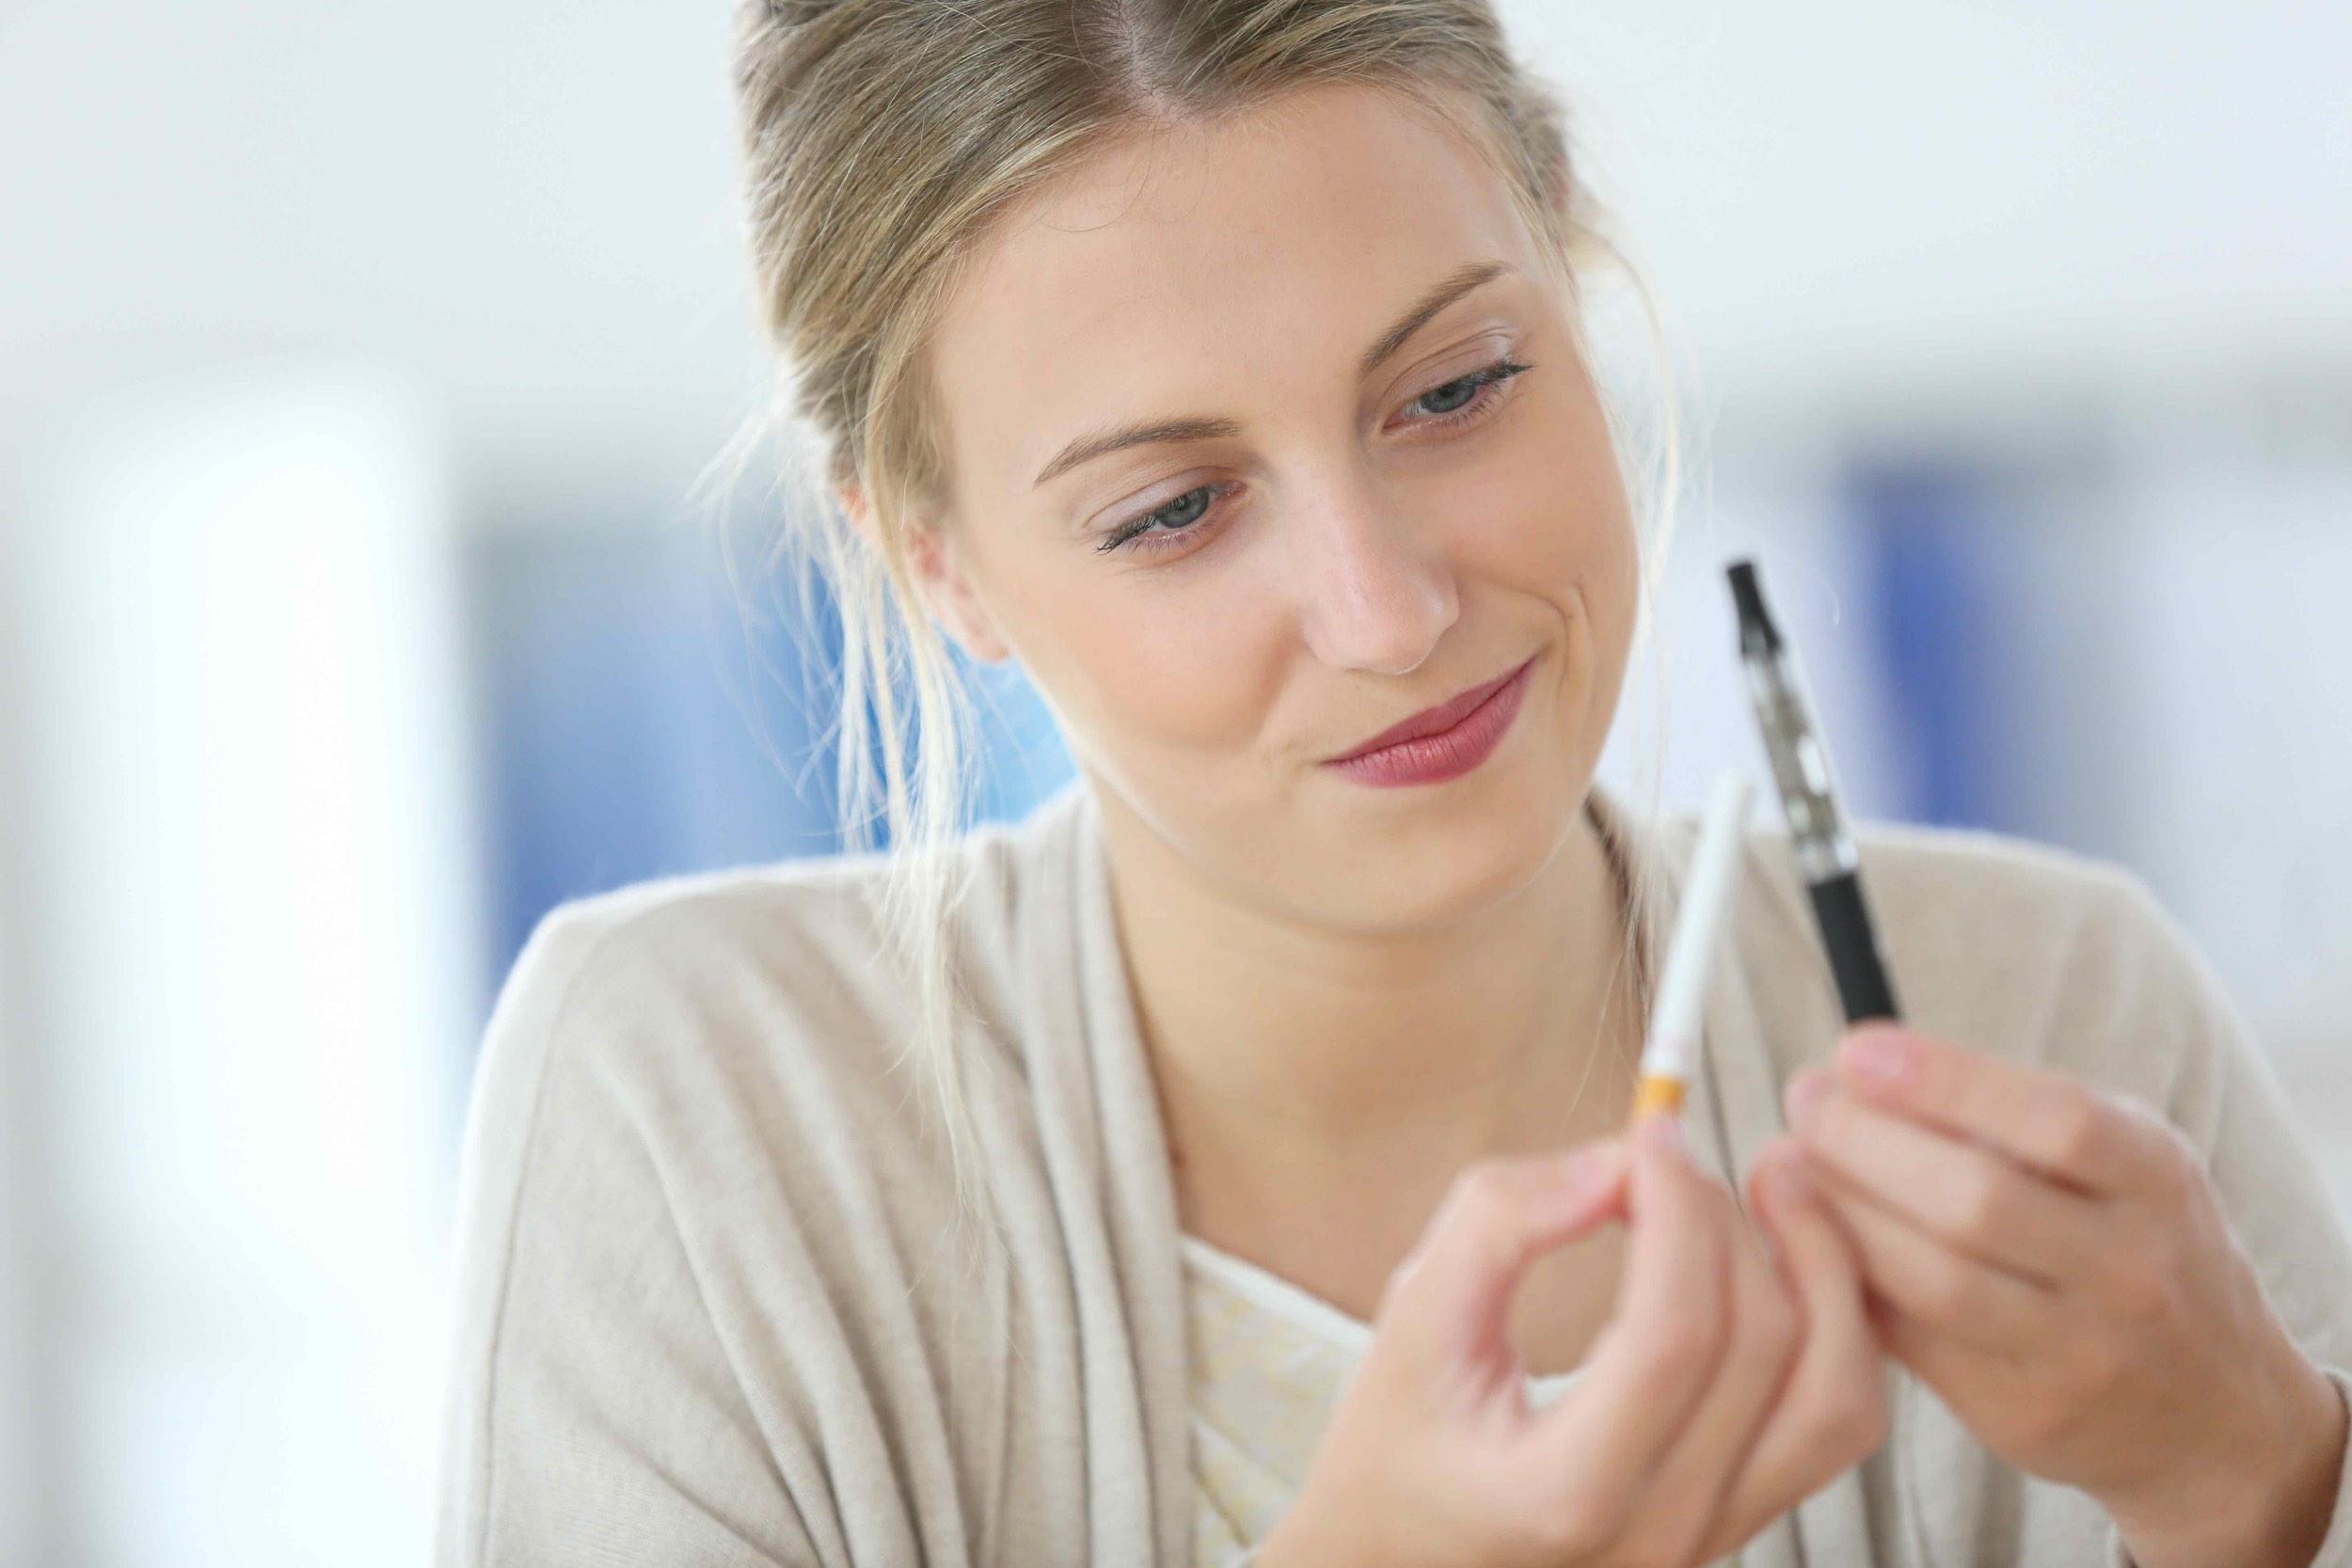 L'abandon du tabac au profit de la cigarette électronique provoque une amélioration rapide de la santé cardiovasculaire